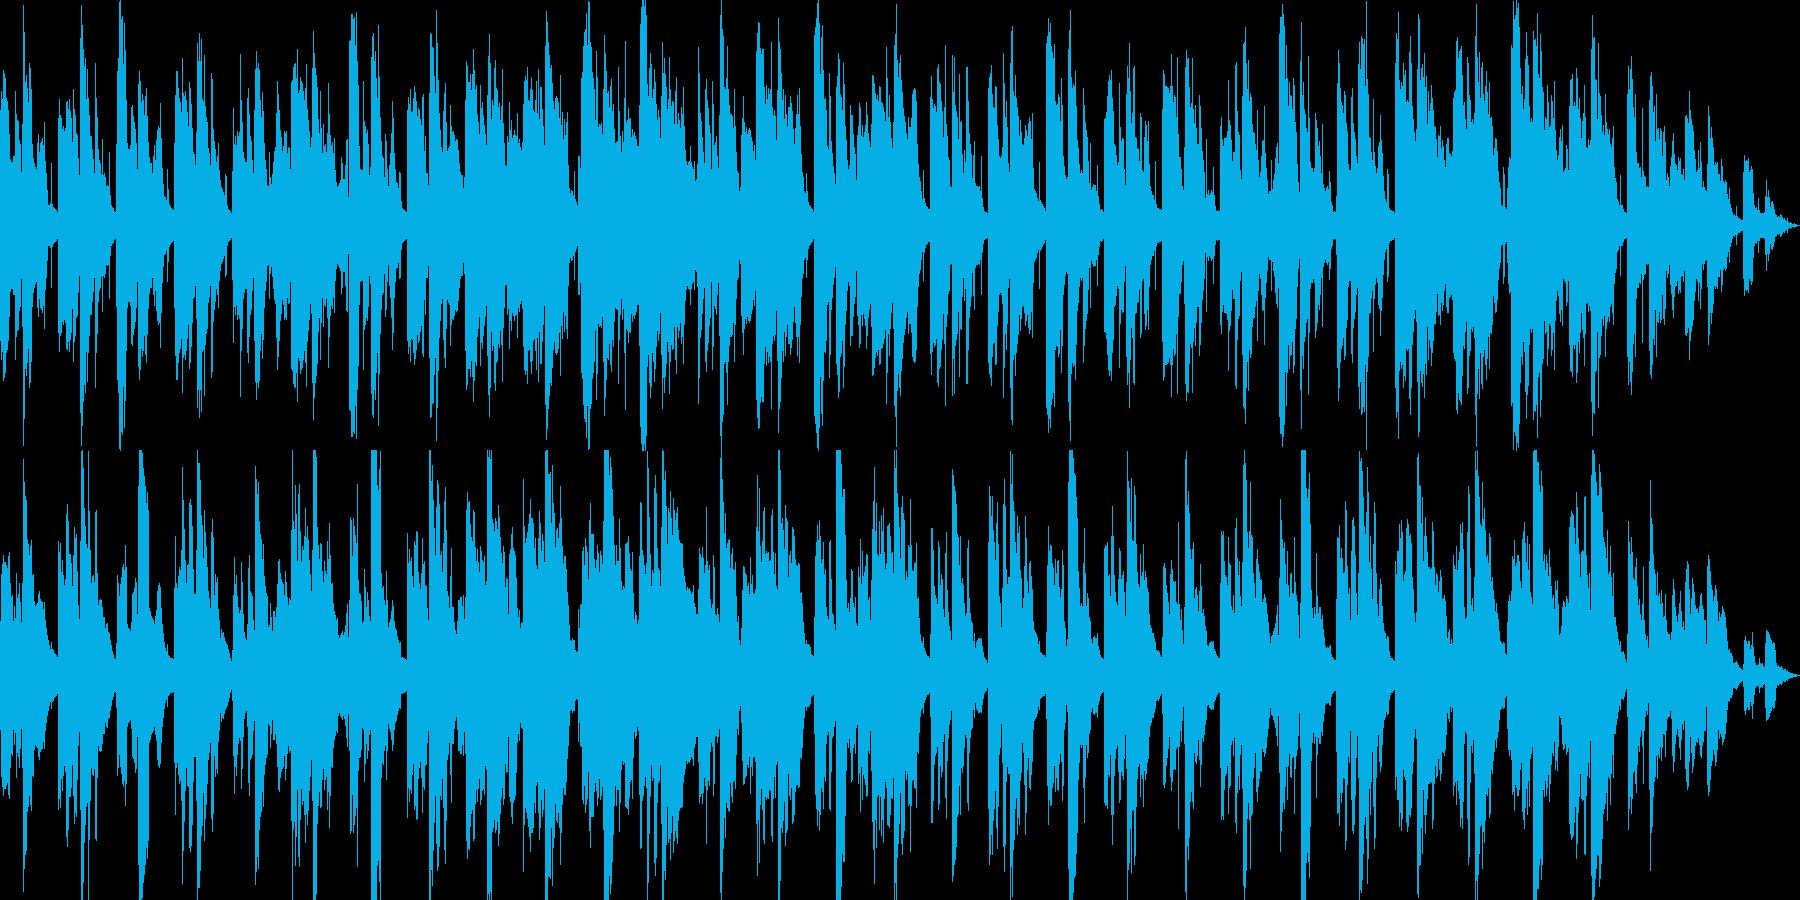 深海を思わせるような、ゆったりとした曲の再生済みの波形